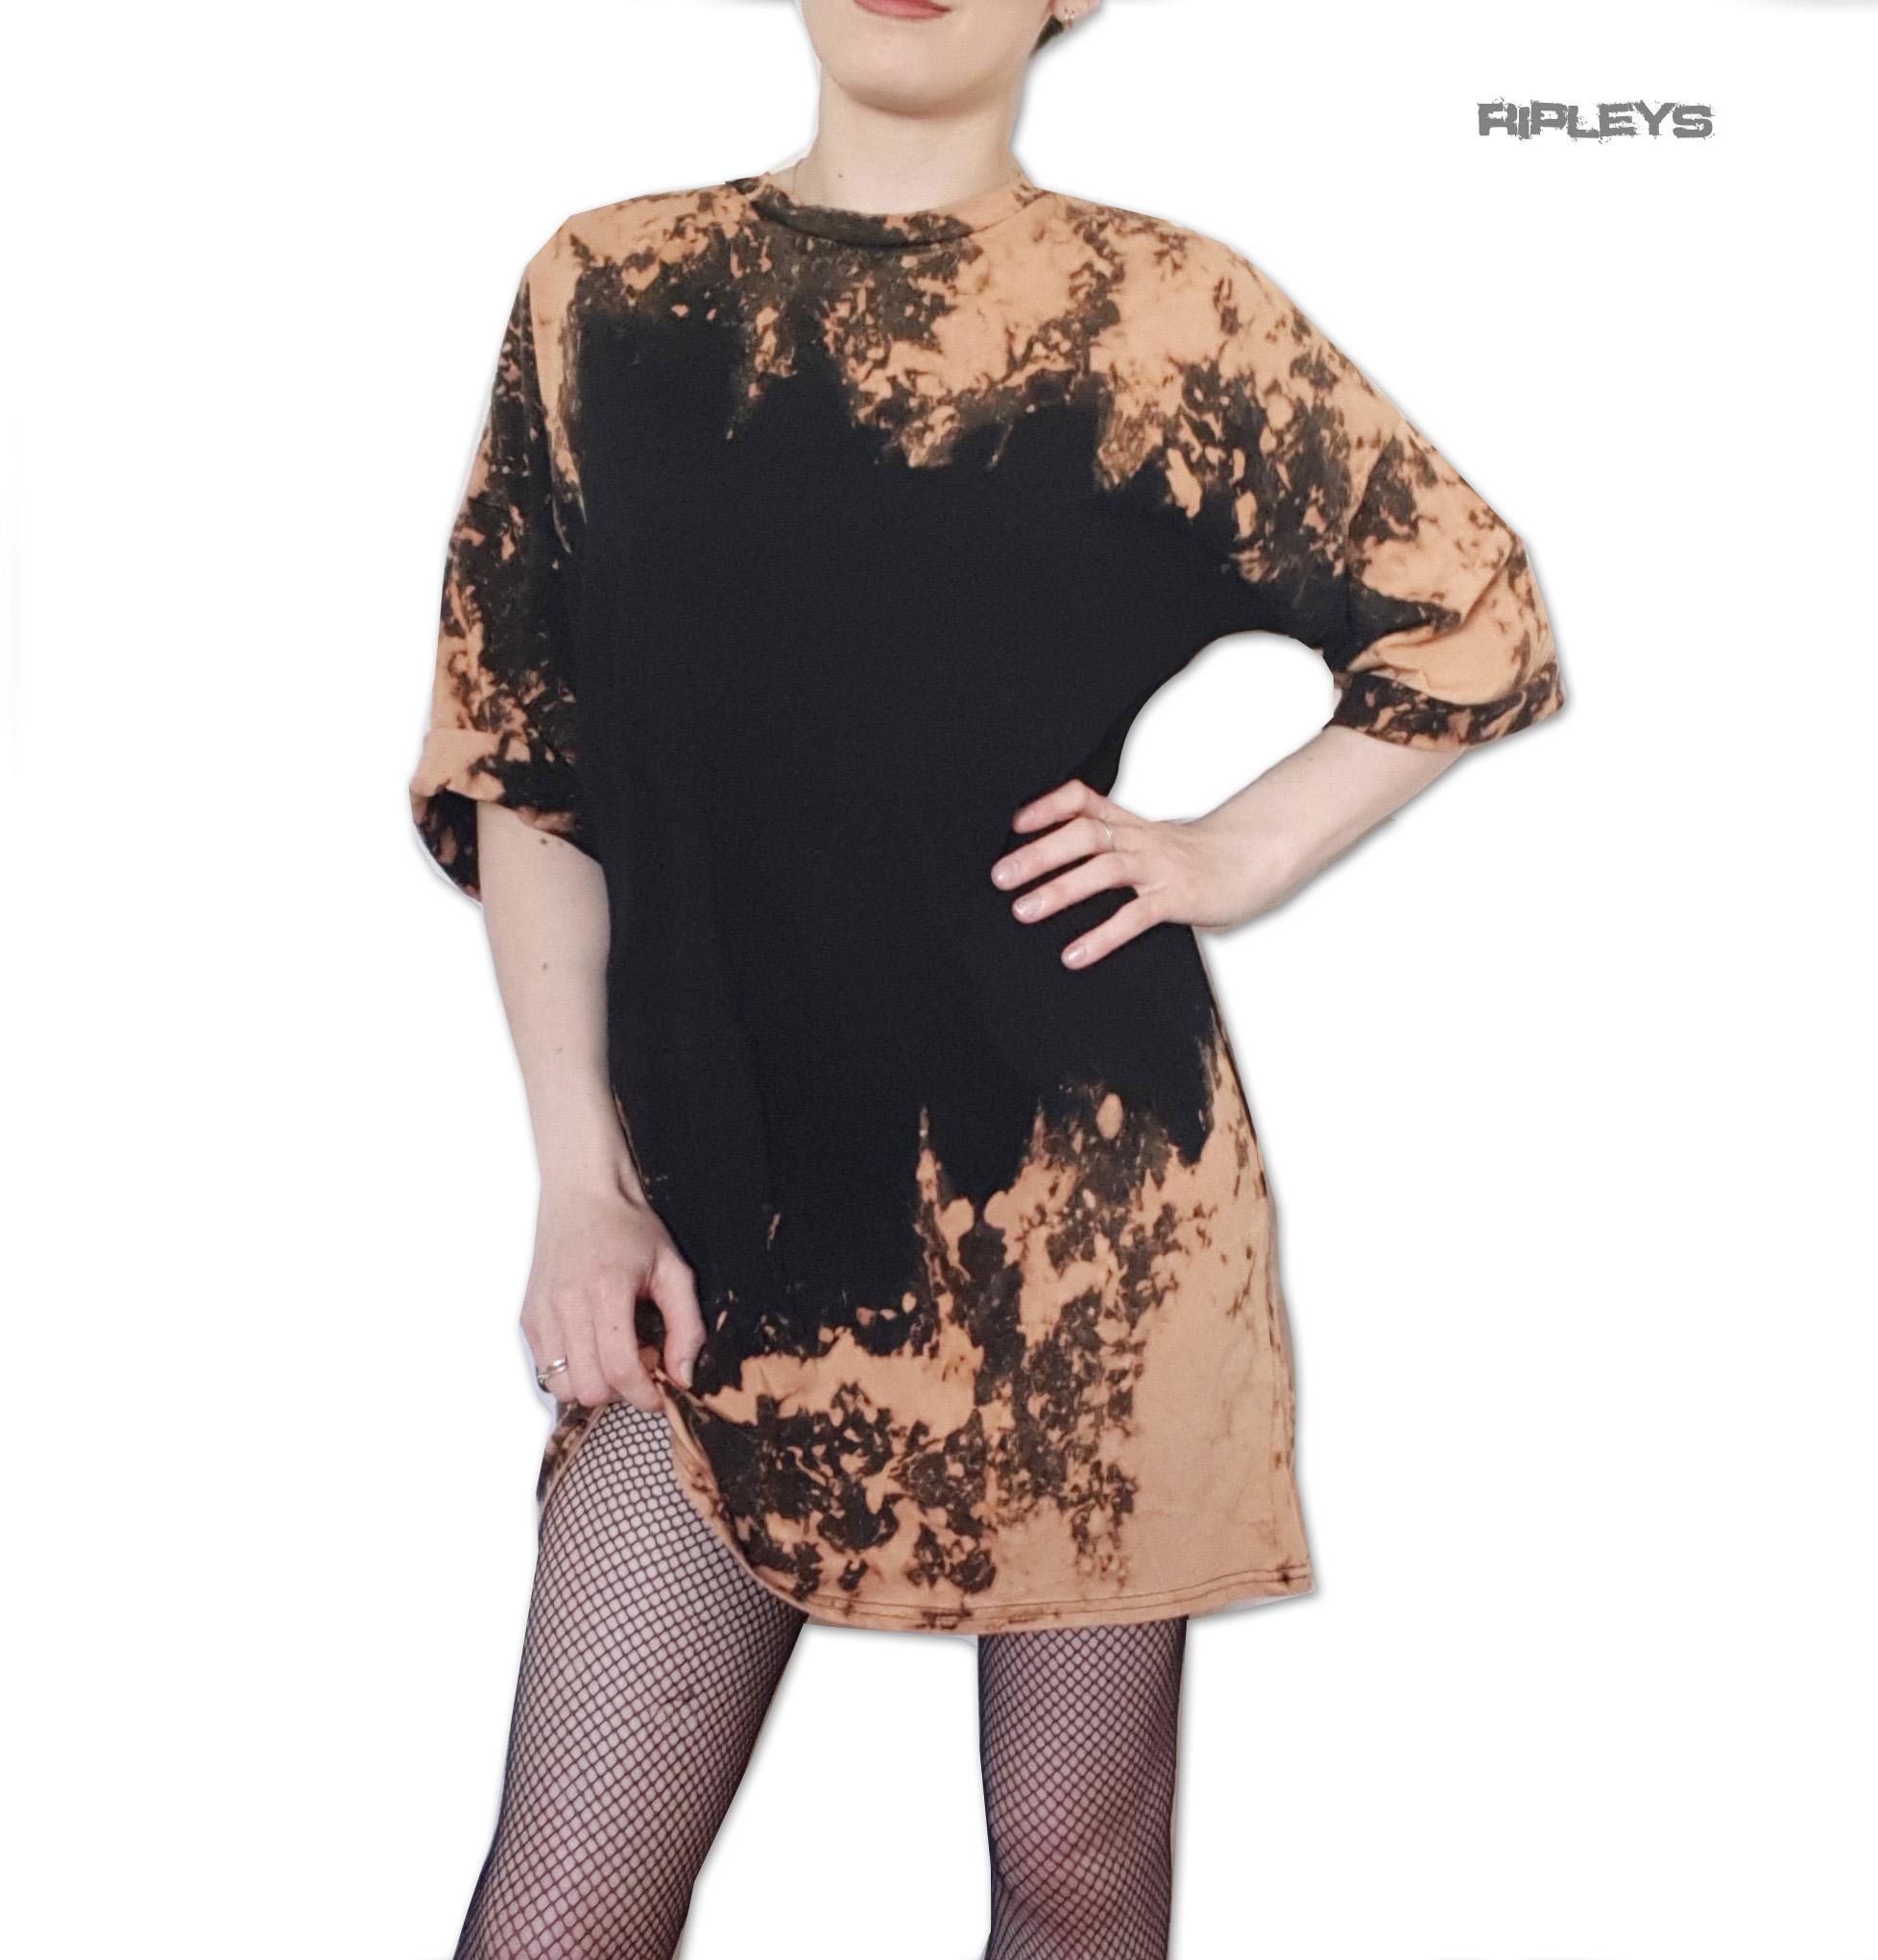 0e9be5d807e8 Sentinel Official Ladies Oversized T Shirt Dress GRUNGE Black Brown  Splatter All Sizes